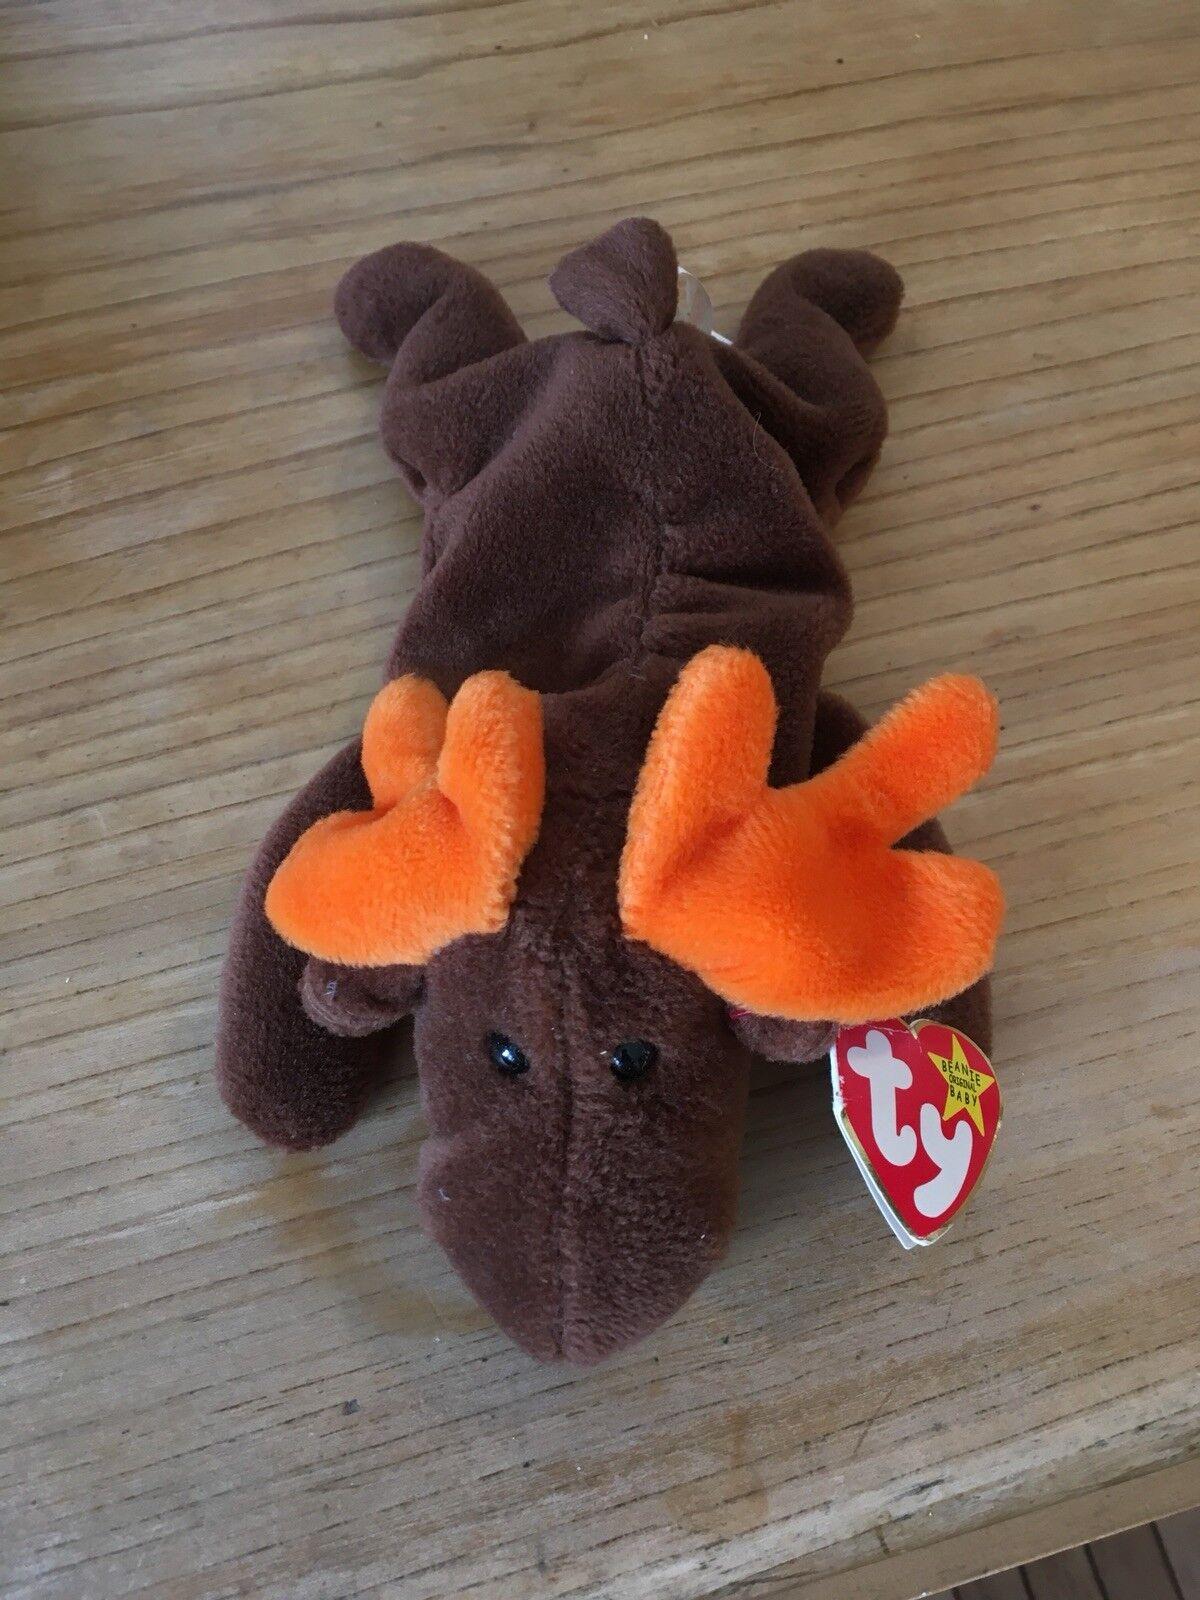 Original - ty beanie baby schokolade stil 4015 elch 3 gen ht, sehr selten